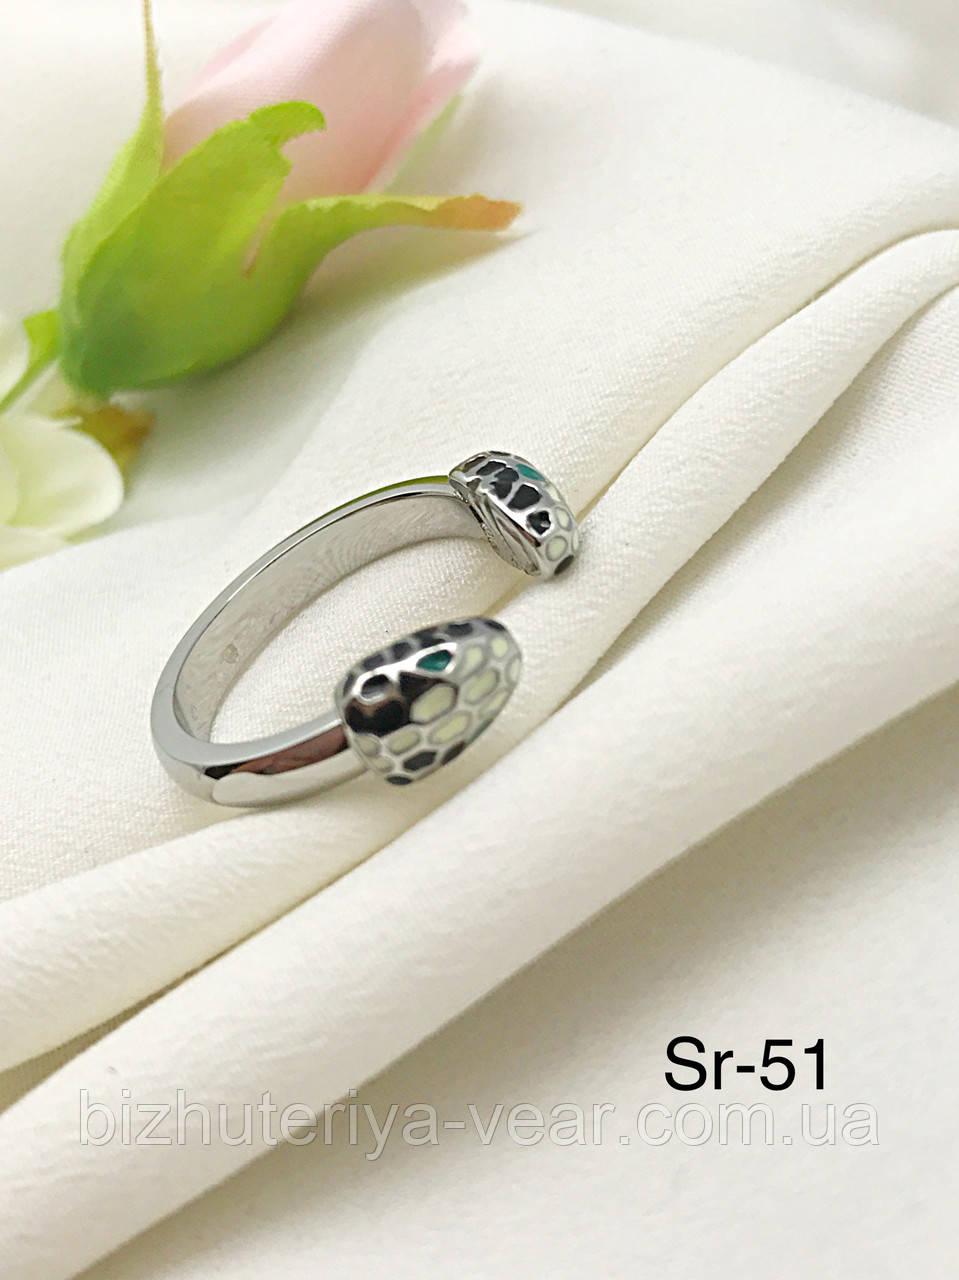 Кольцо Sr-51(6,7,9)